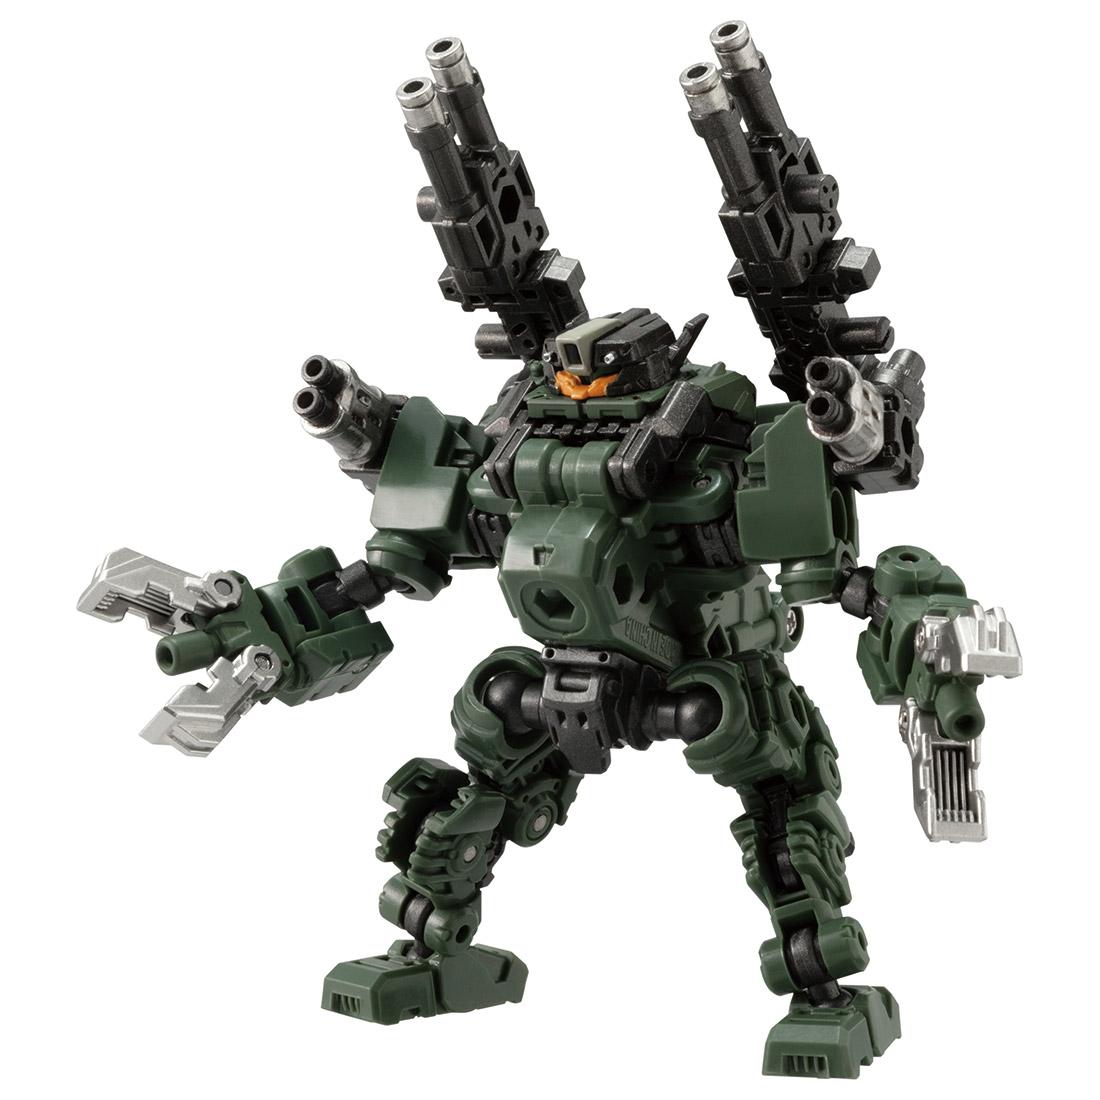 【限定販売】ダイアクロン『DA-49 パワードシステム マニューバイプシロン 宇宙海兵隊Ver』可動フィギュア-006